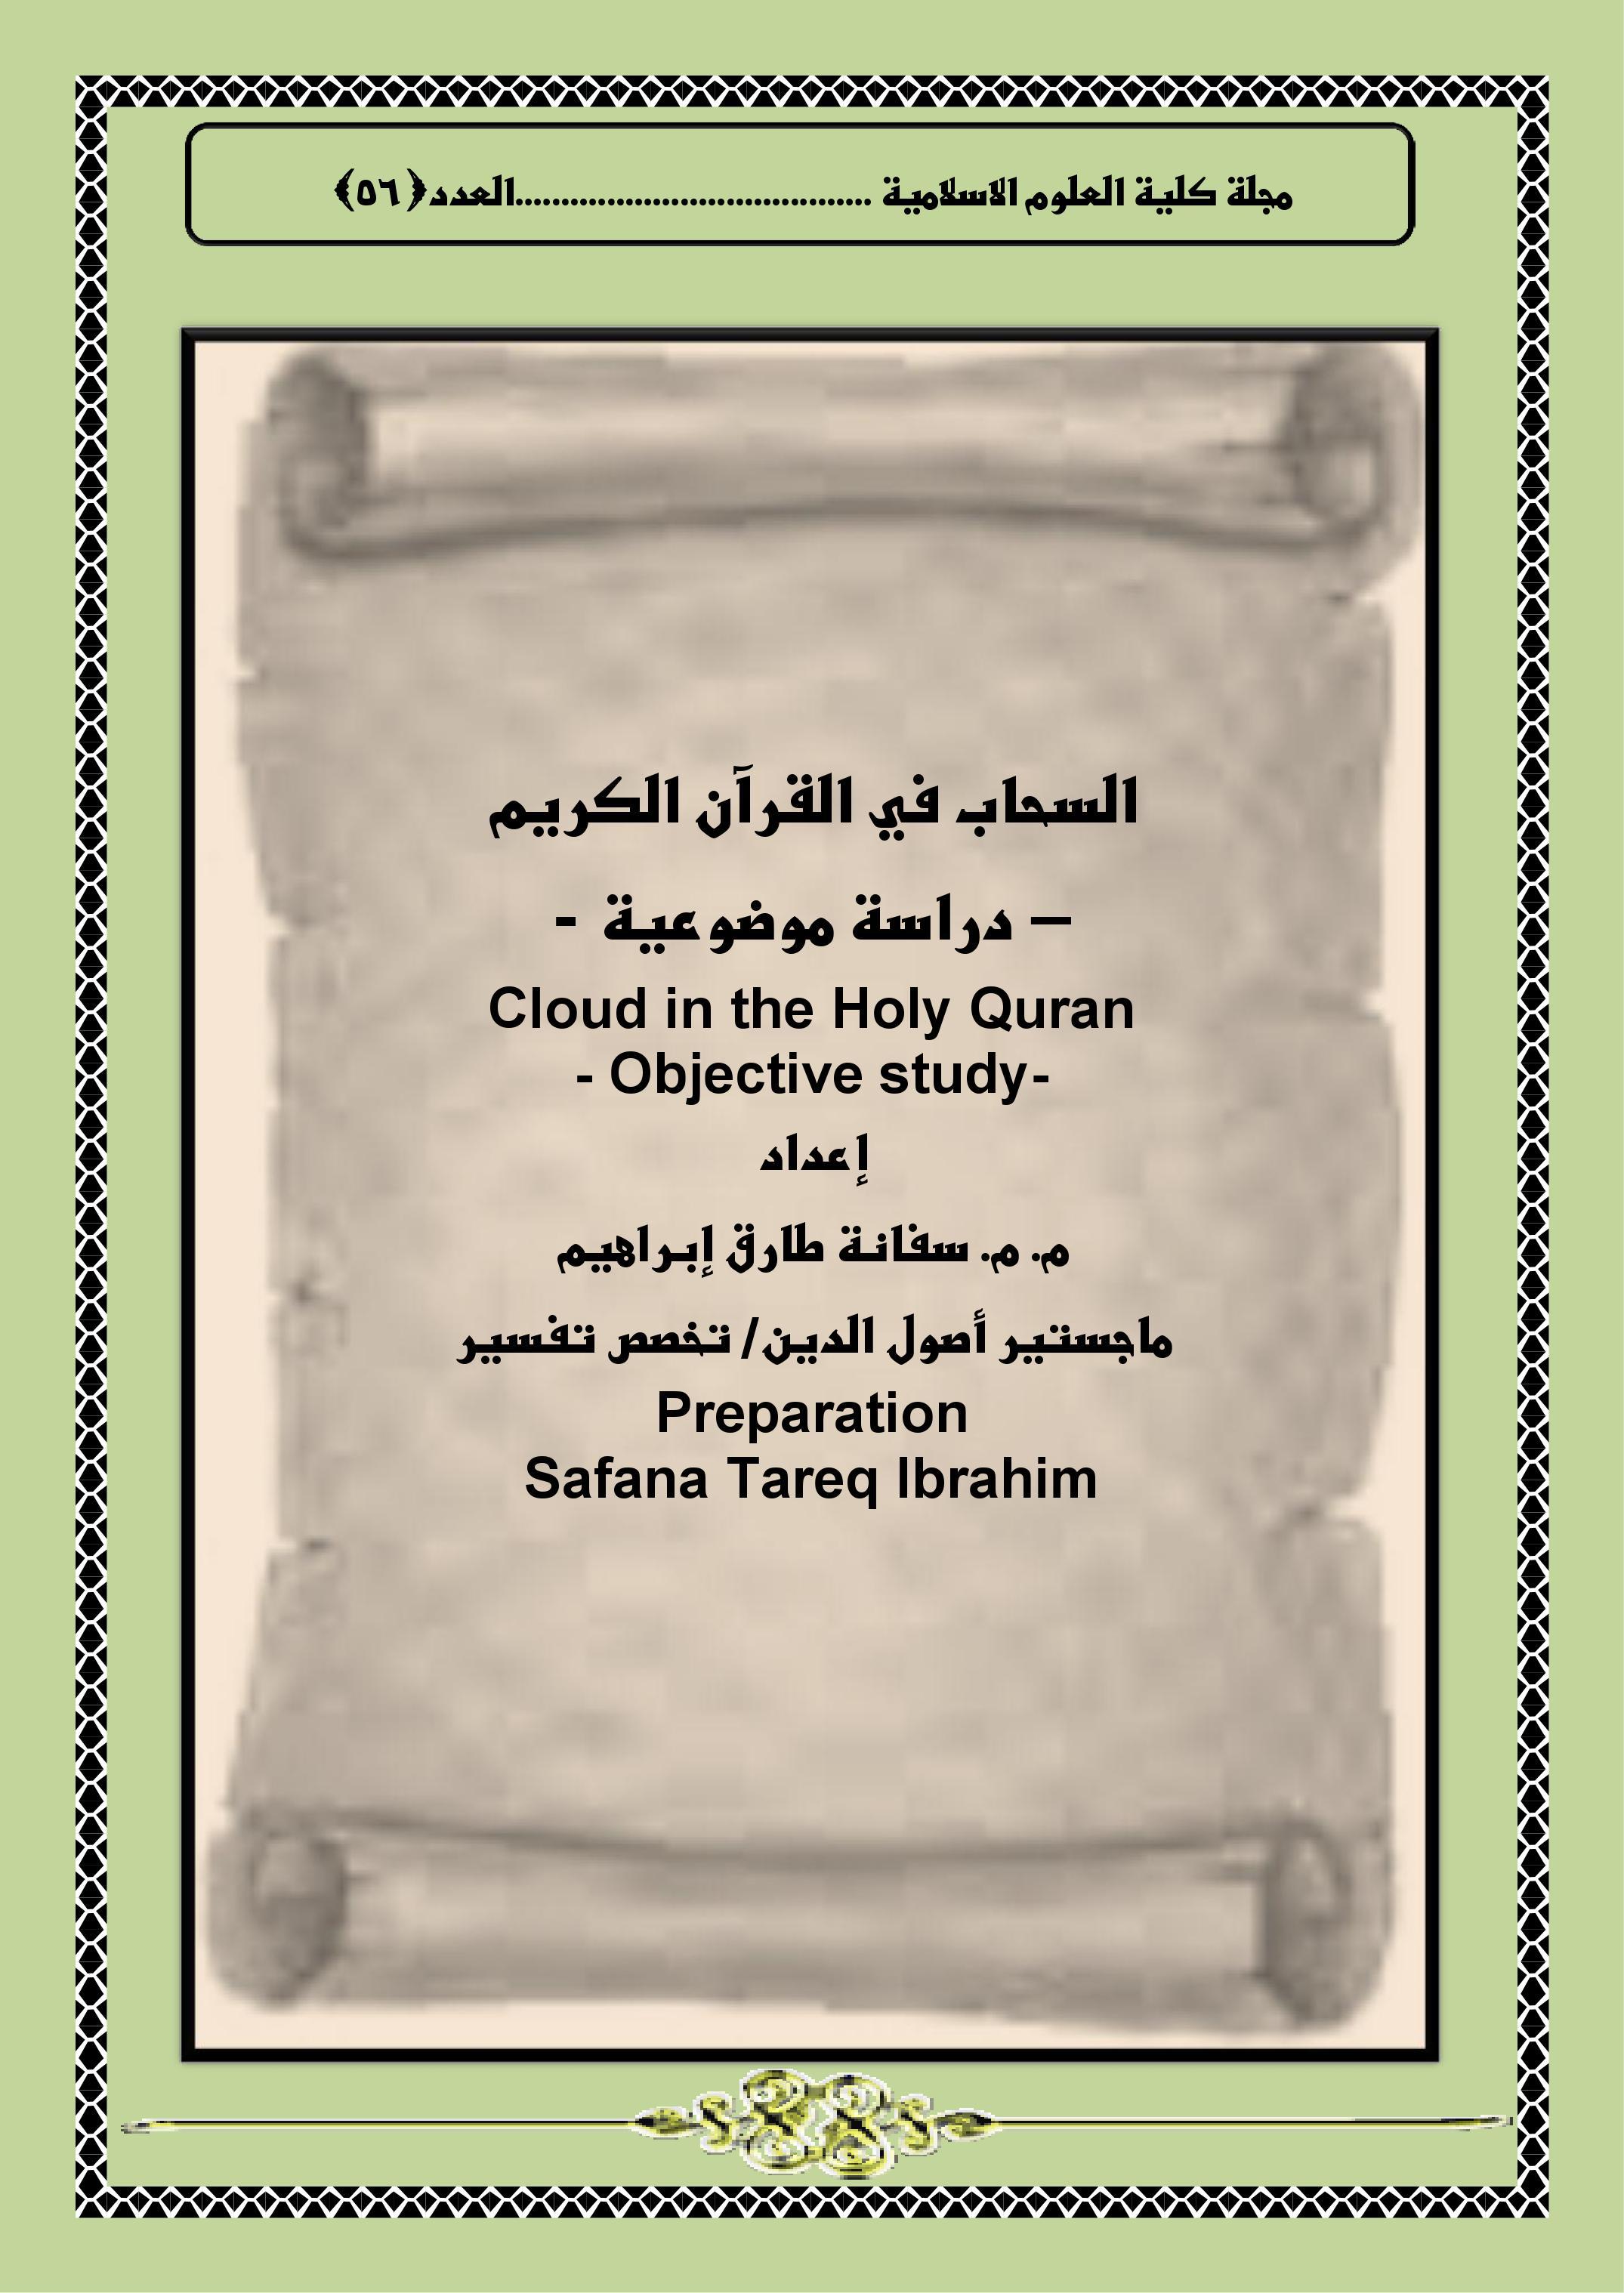 السحاب في القرآن الكريم  - دراسة موضوعية –